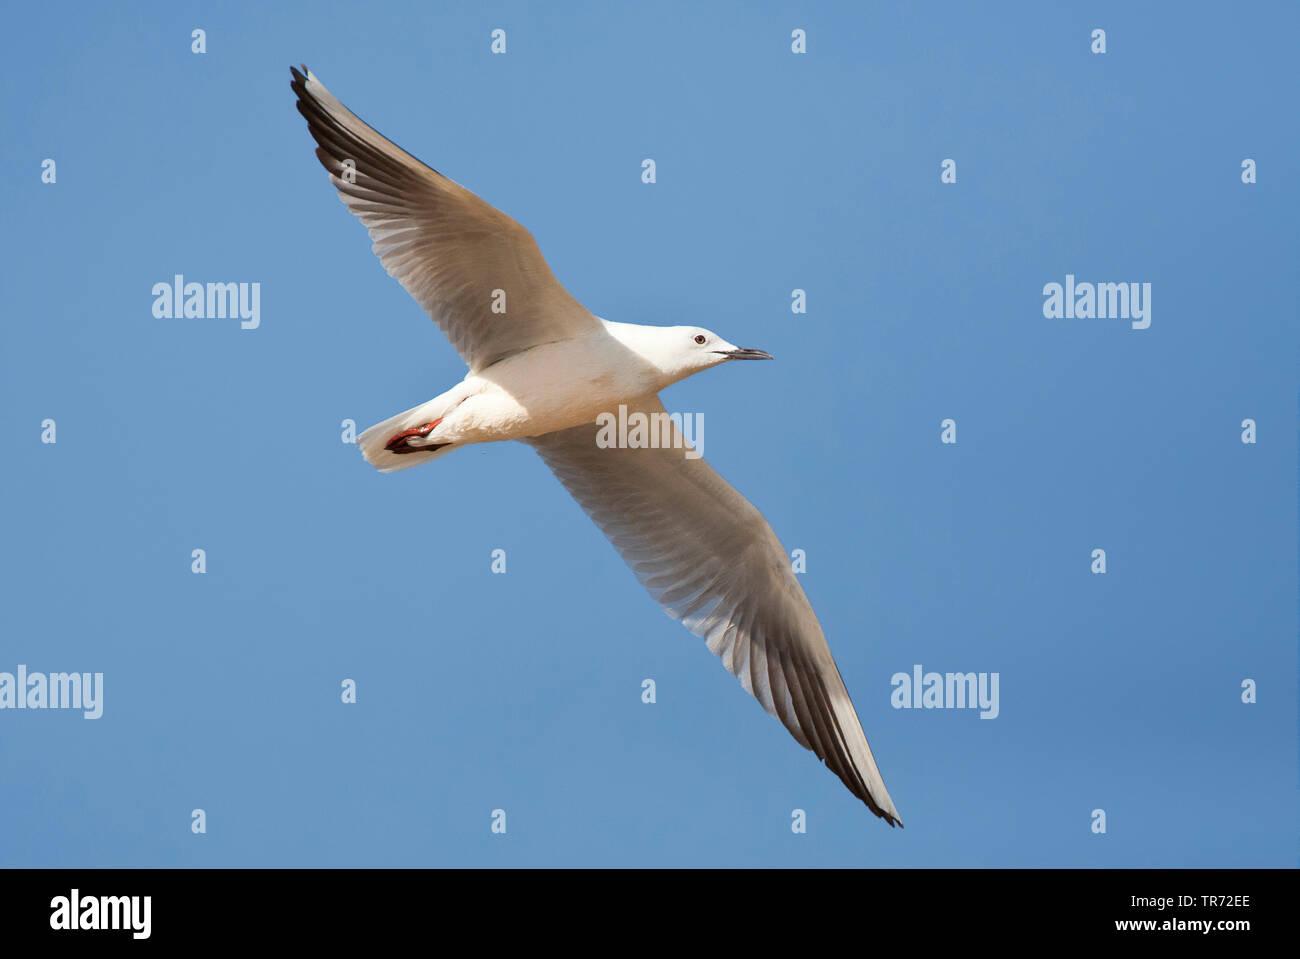 slender-billed gull (Larus genei, Chroicocephalus genei), flying, Israel Stock Photo